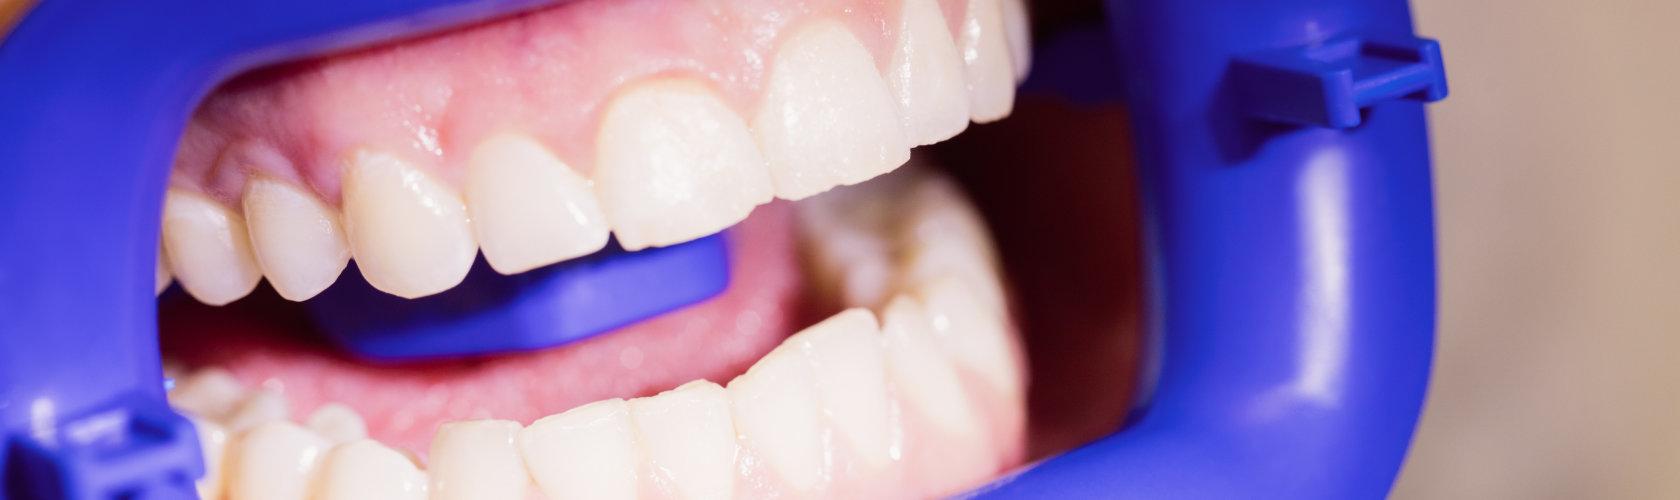 Zoom izbjeljivanje zubi.